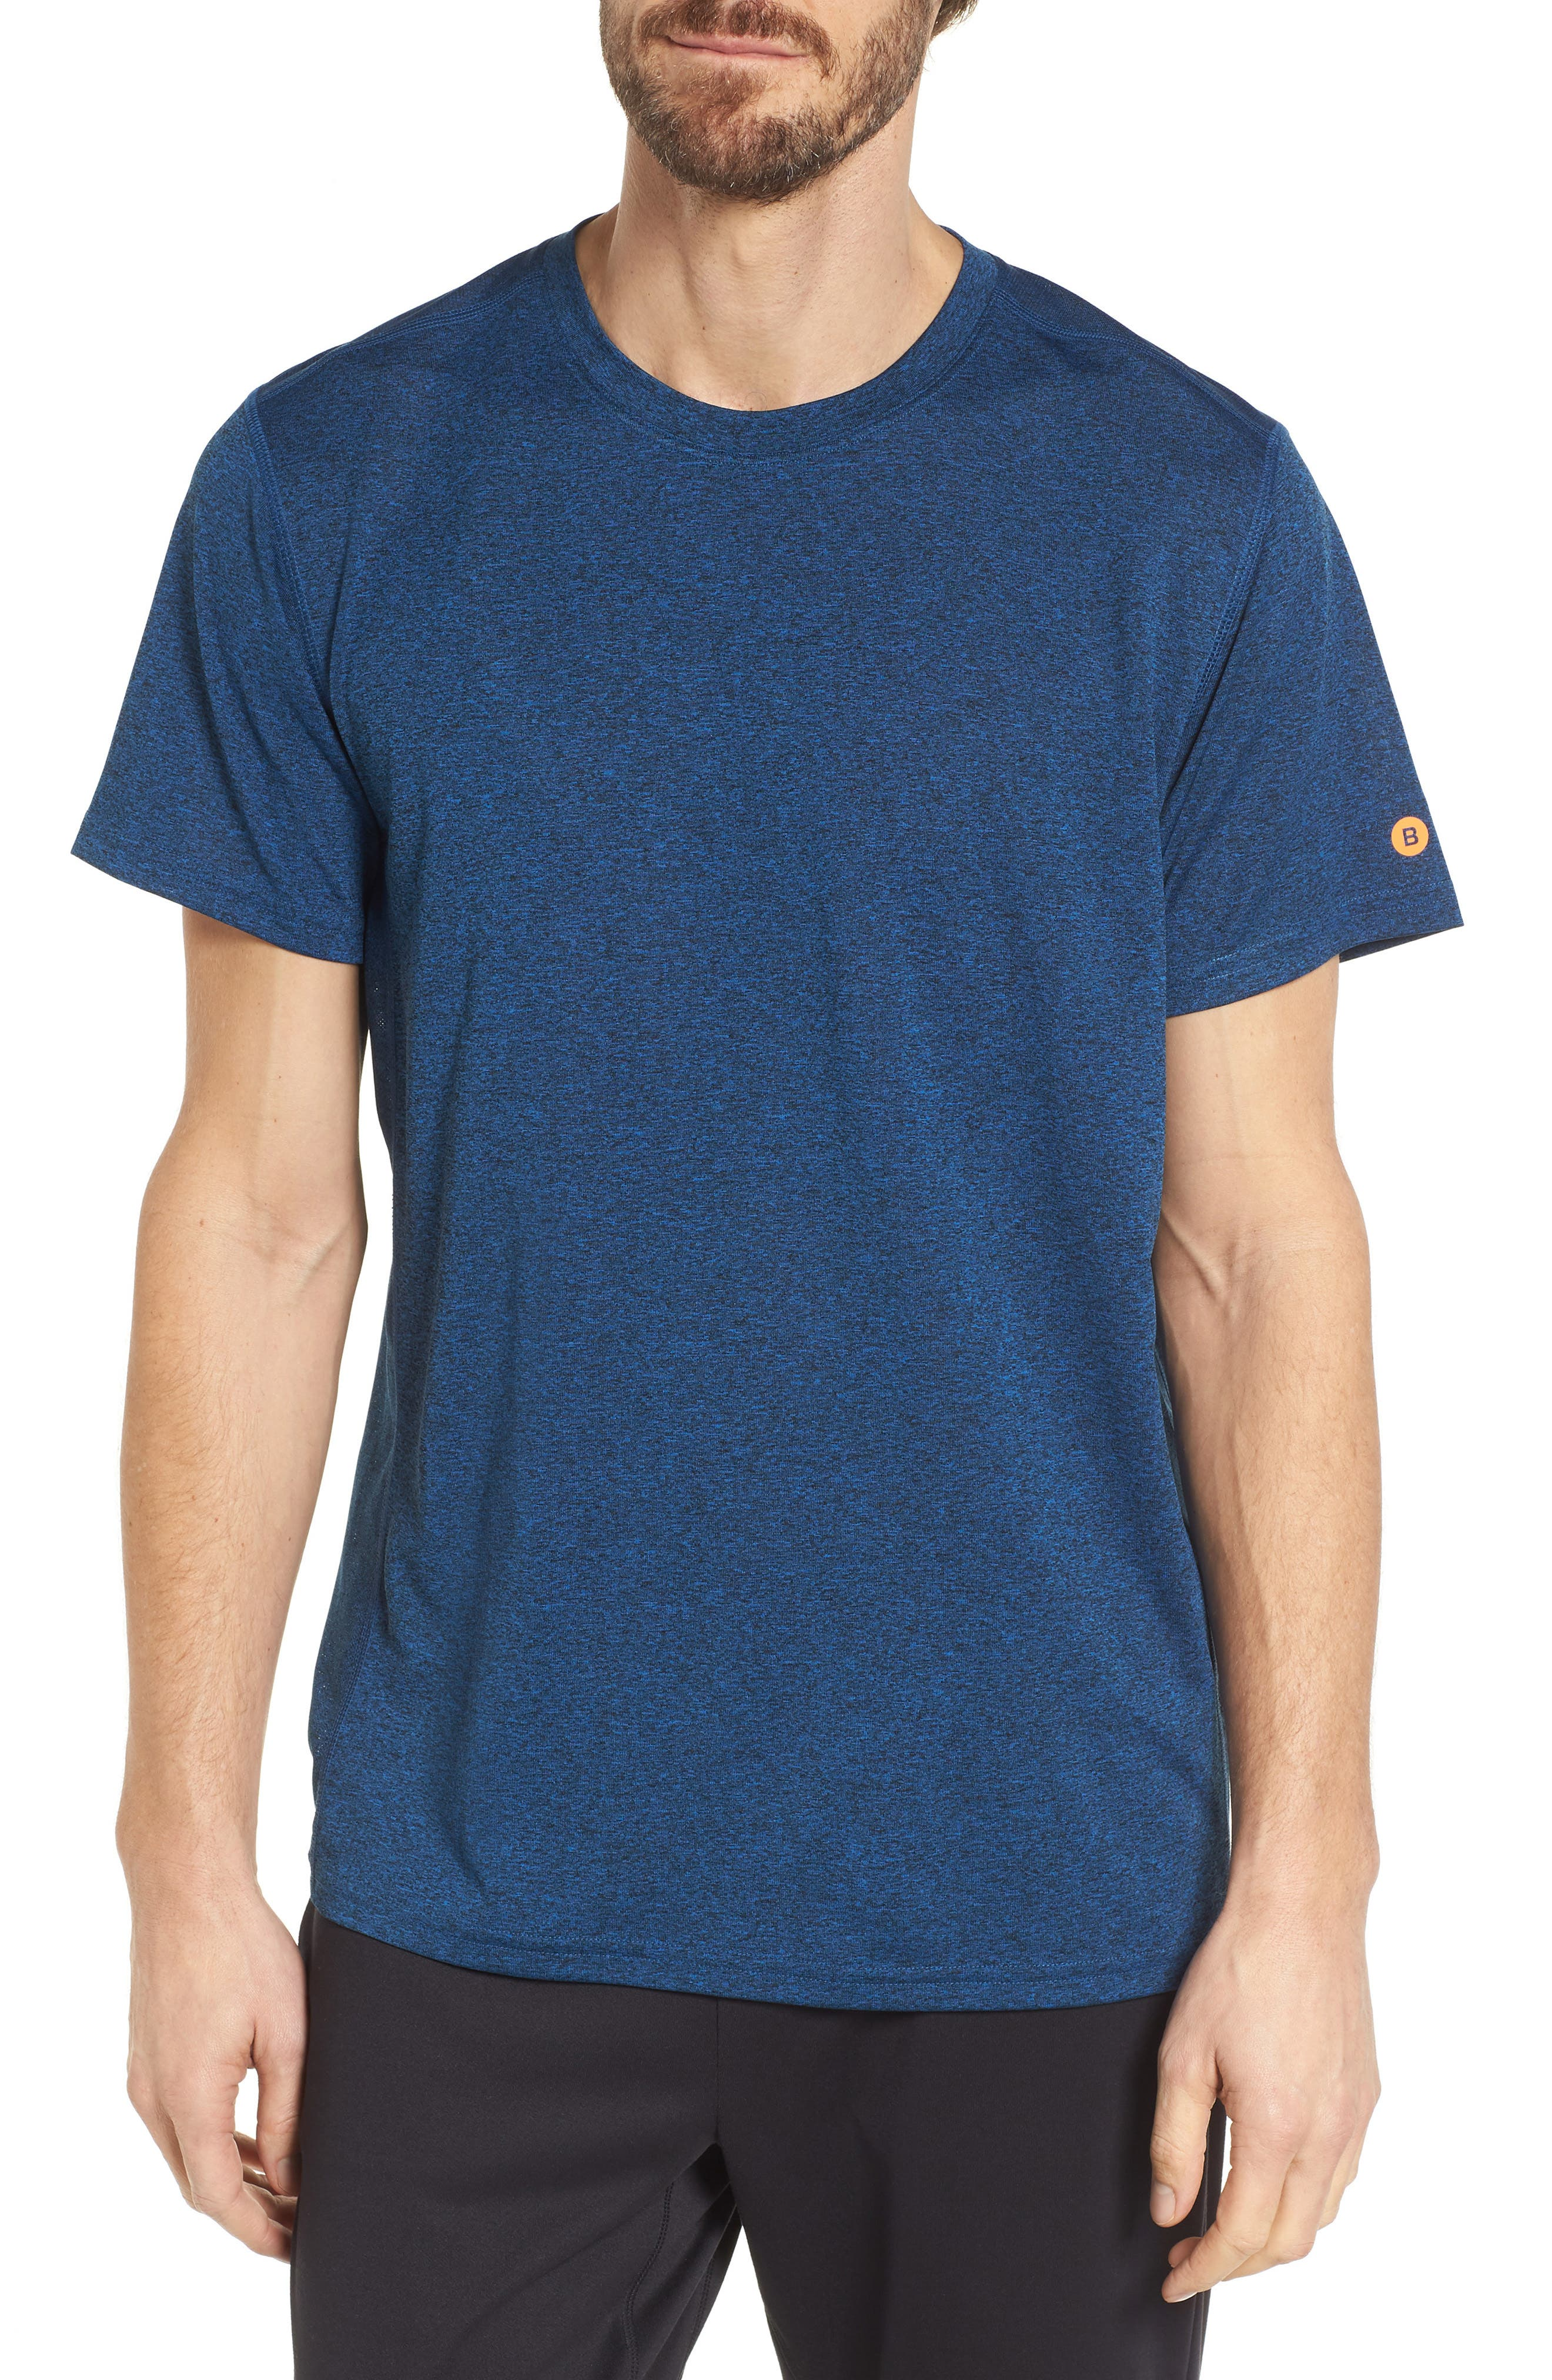 Goodsport Mesh Panel T-Shirt,                             Main thumbnail 1, color,                             LAPIS BLUE/ BLACK HEATHER